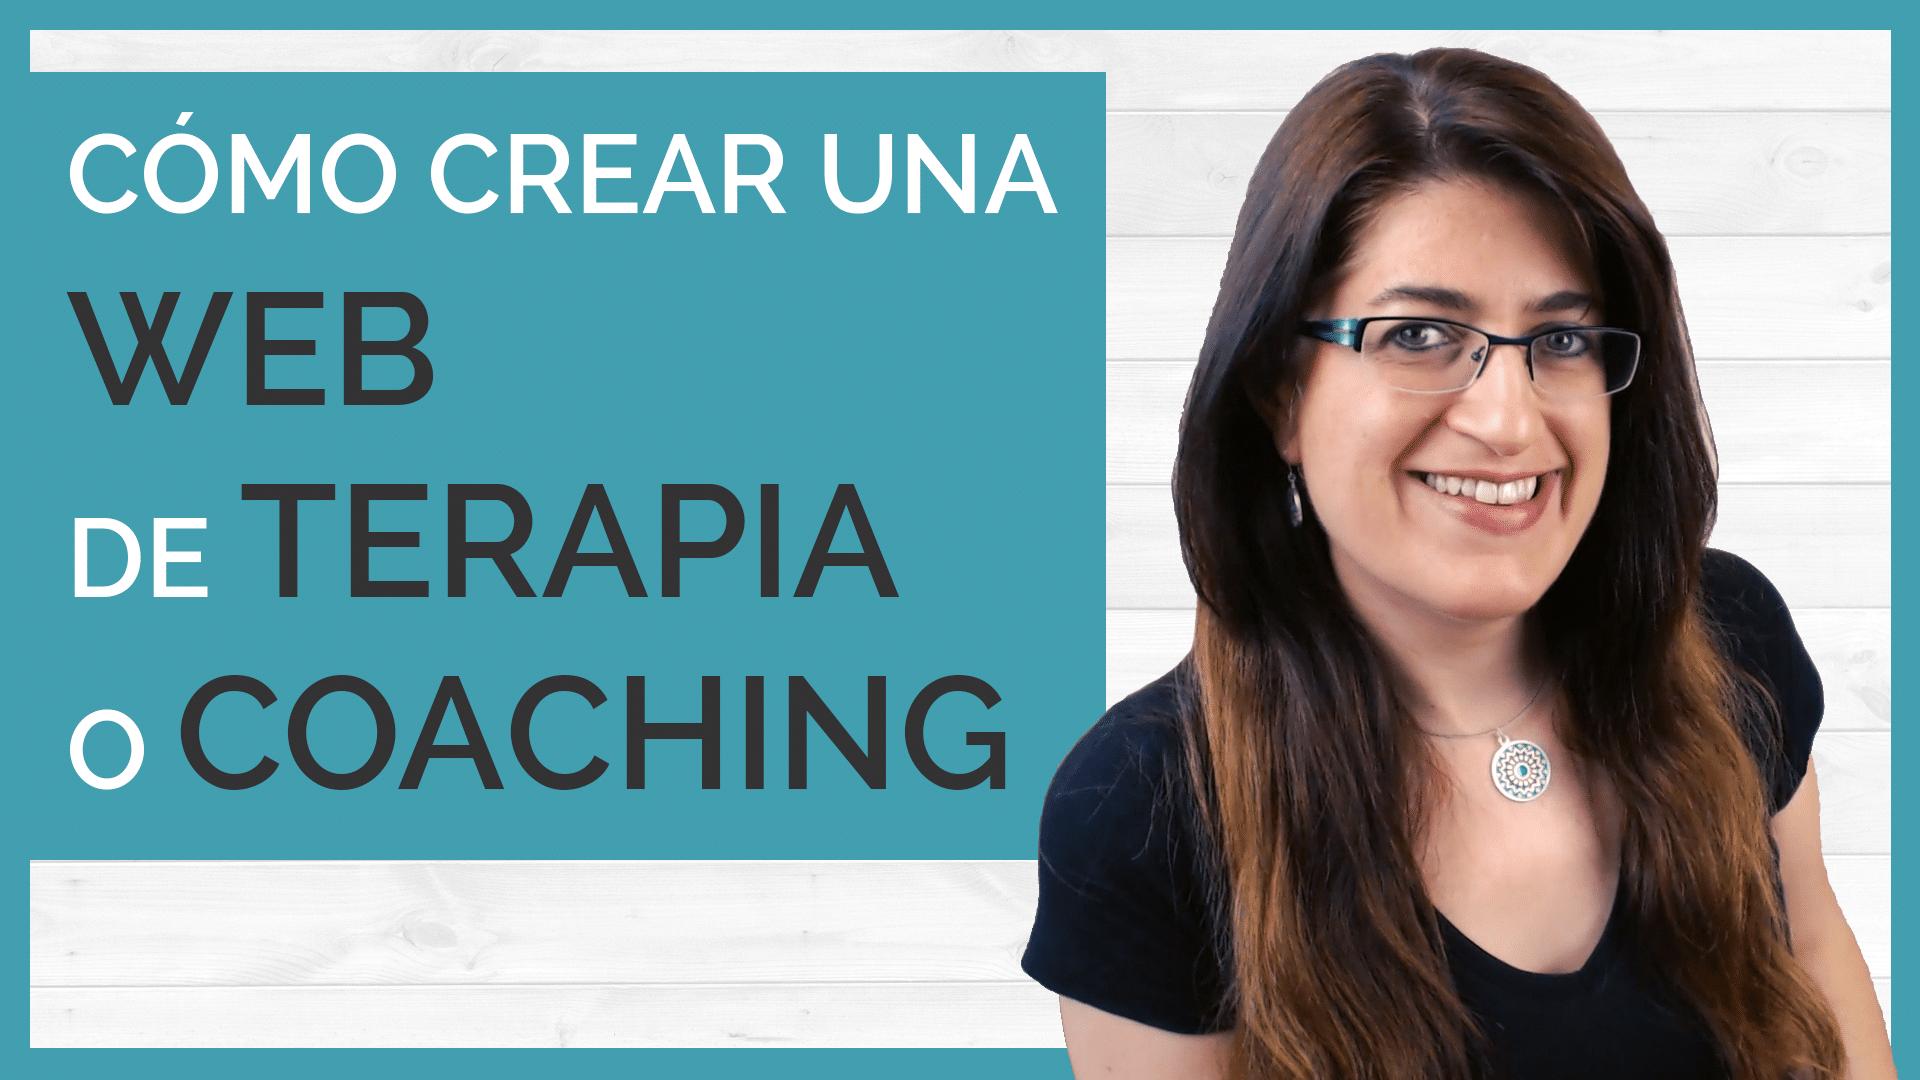 Cómo crear una web de terapia, coaching o psicología